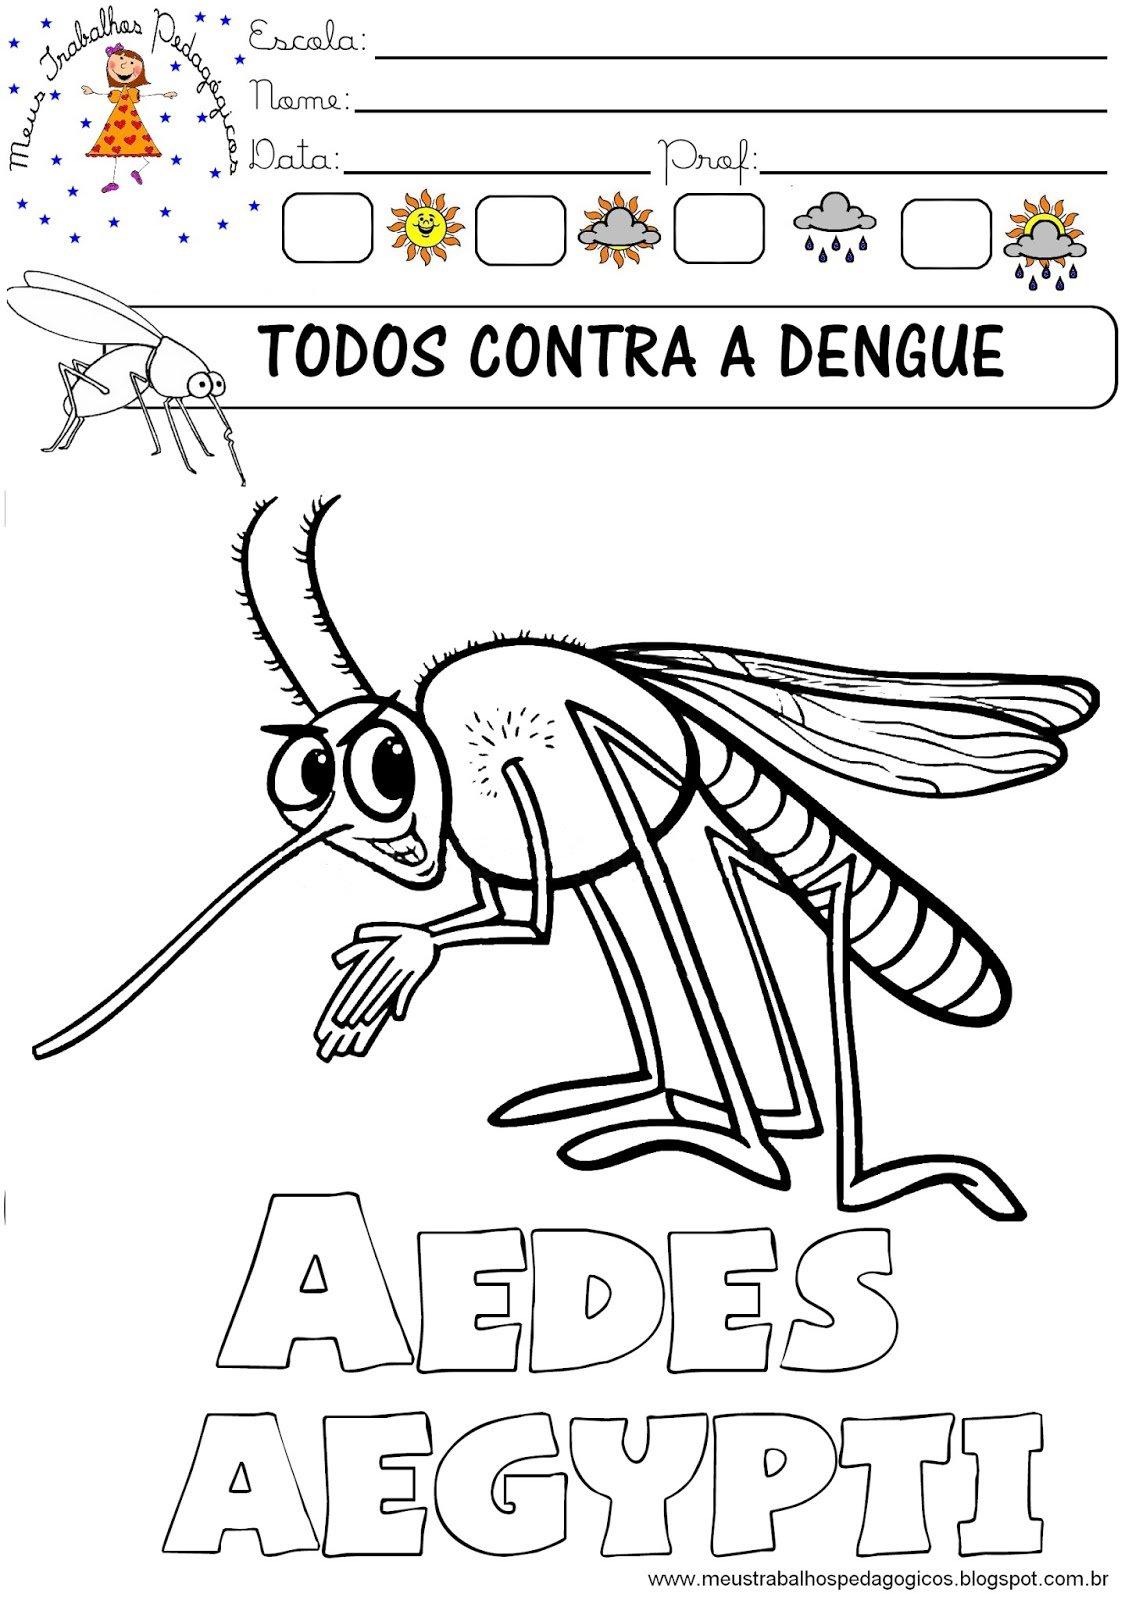 Meus Trabalhos Pedagógicos ®  Atividades Dengue